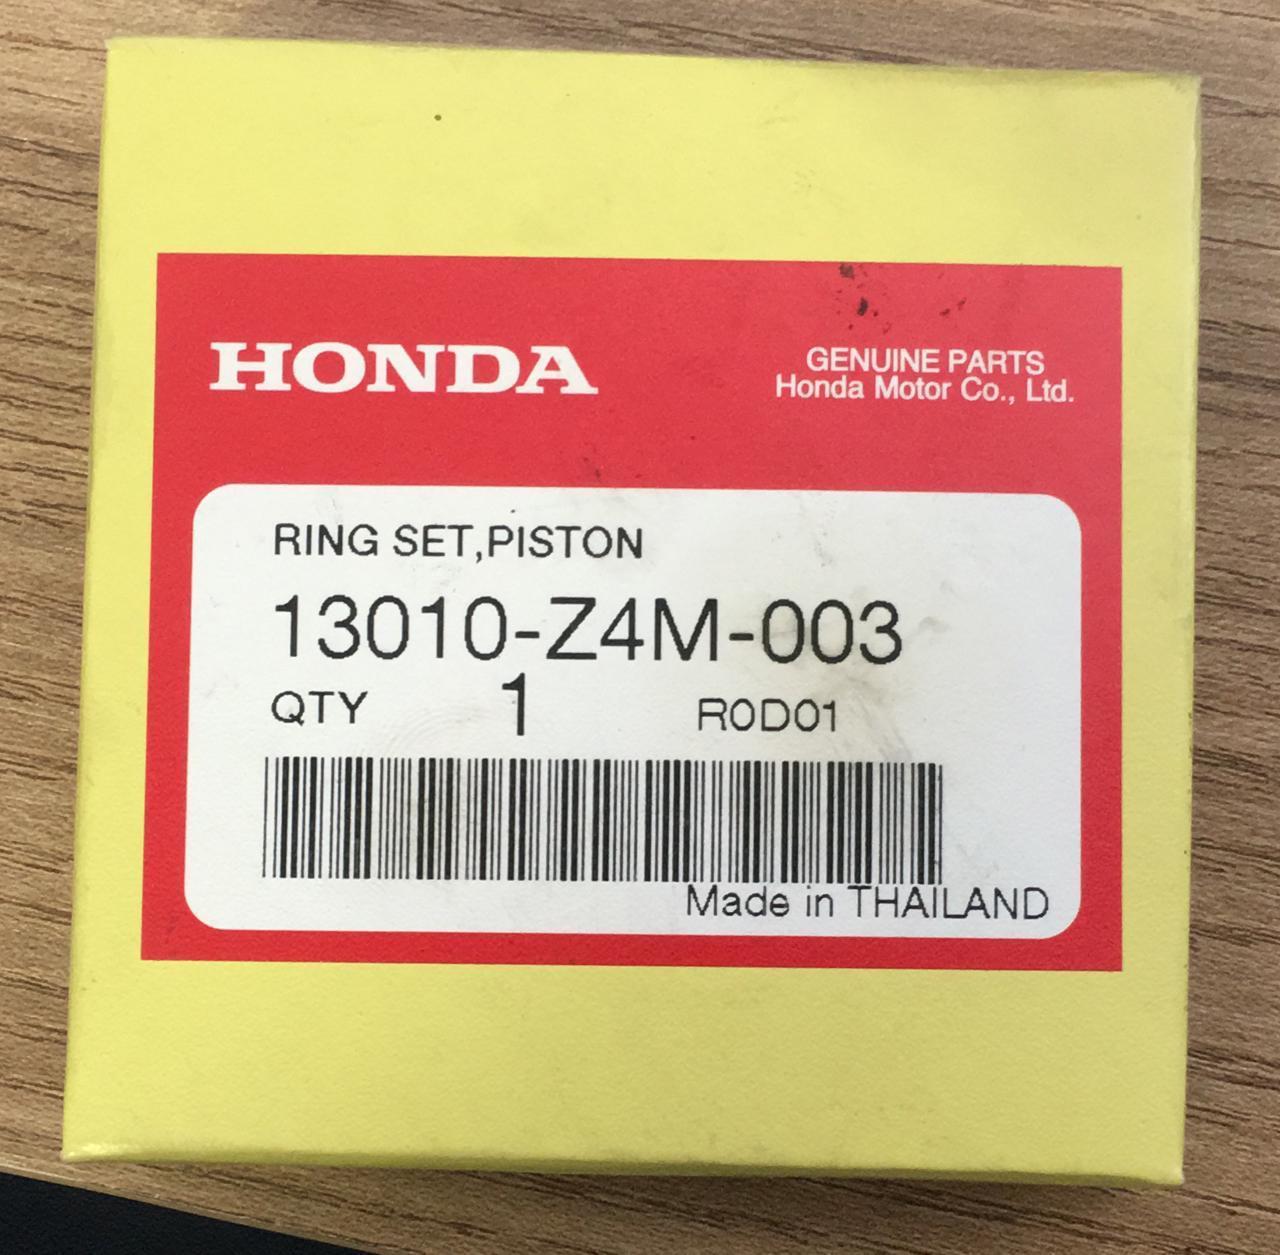 ANEL PISTAO STD HONDA - 13010Z4M003